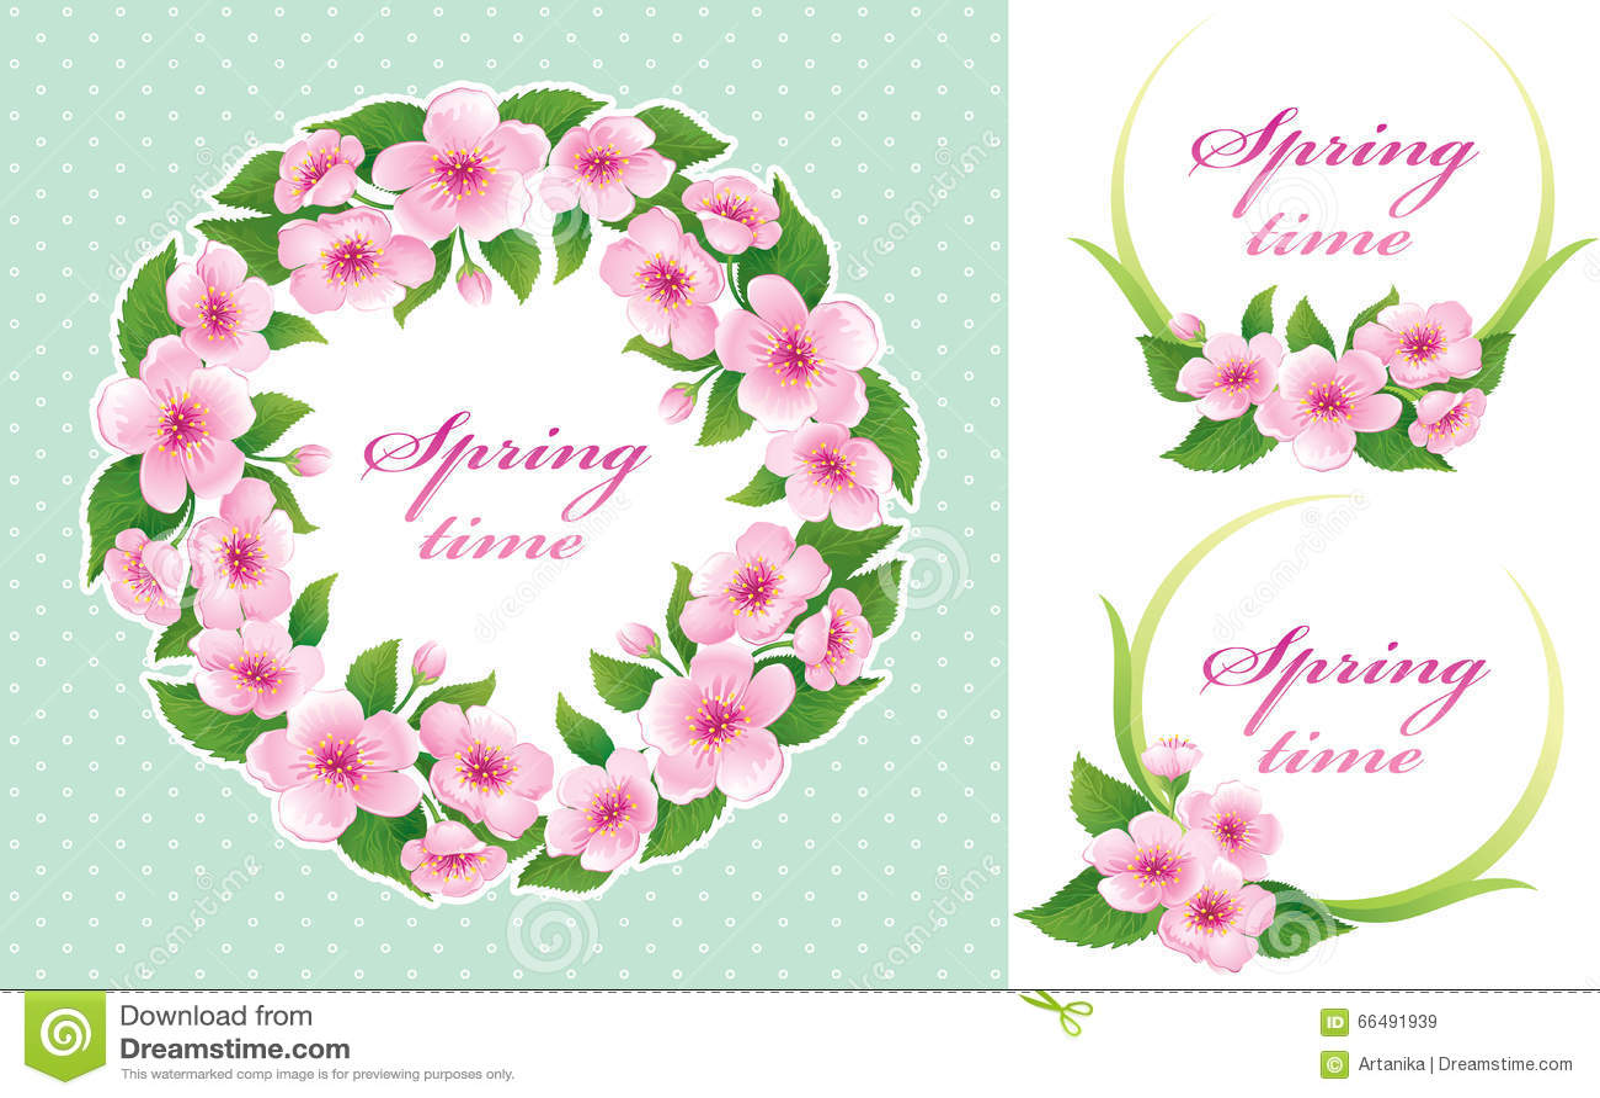 Springtime set